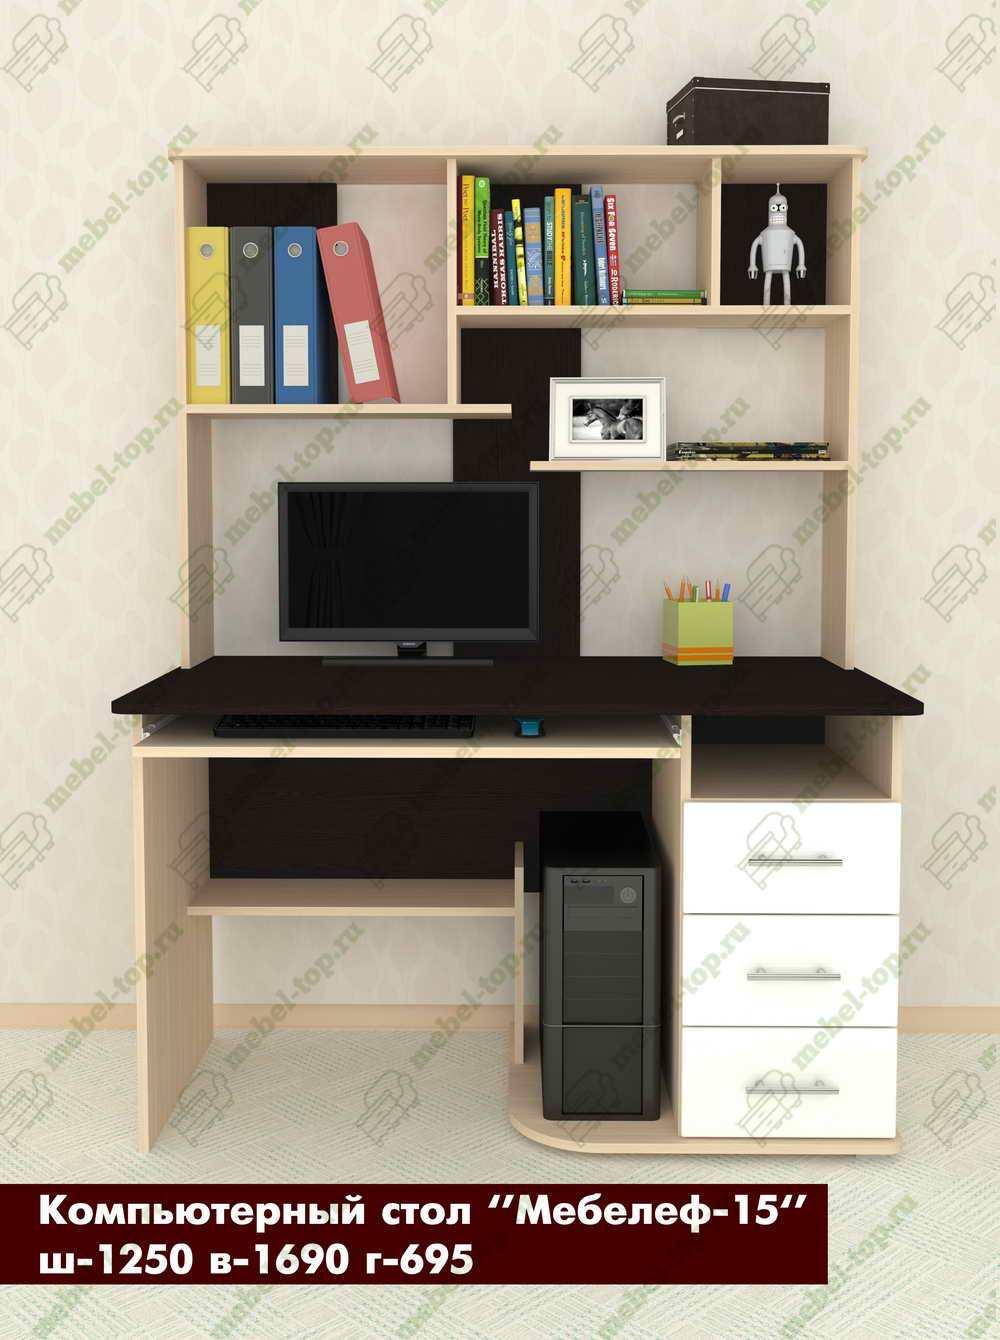 Компьютерный стол Мебелеф-15